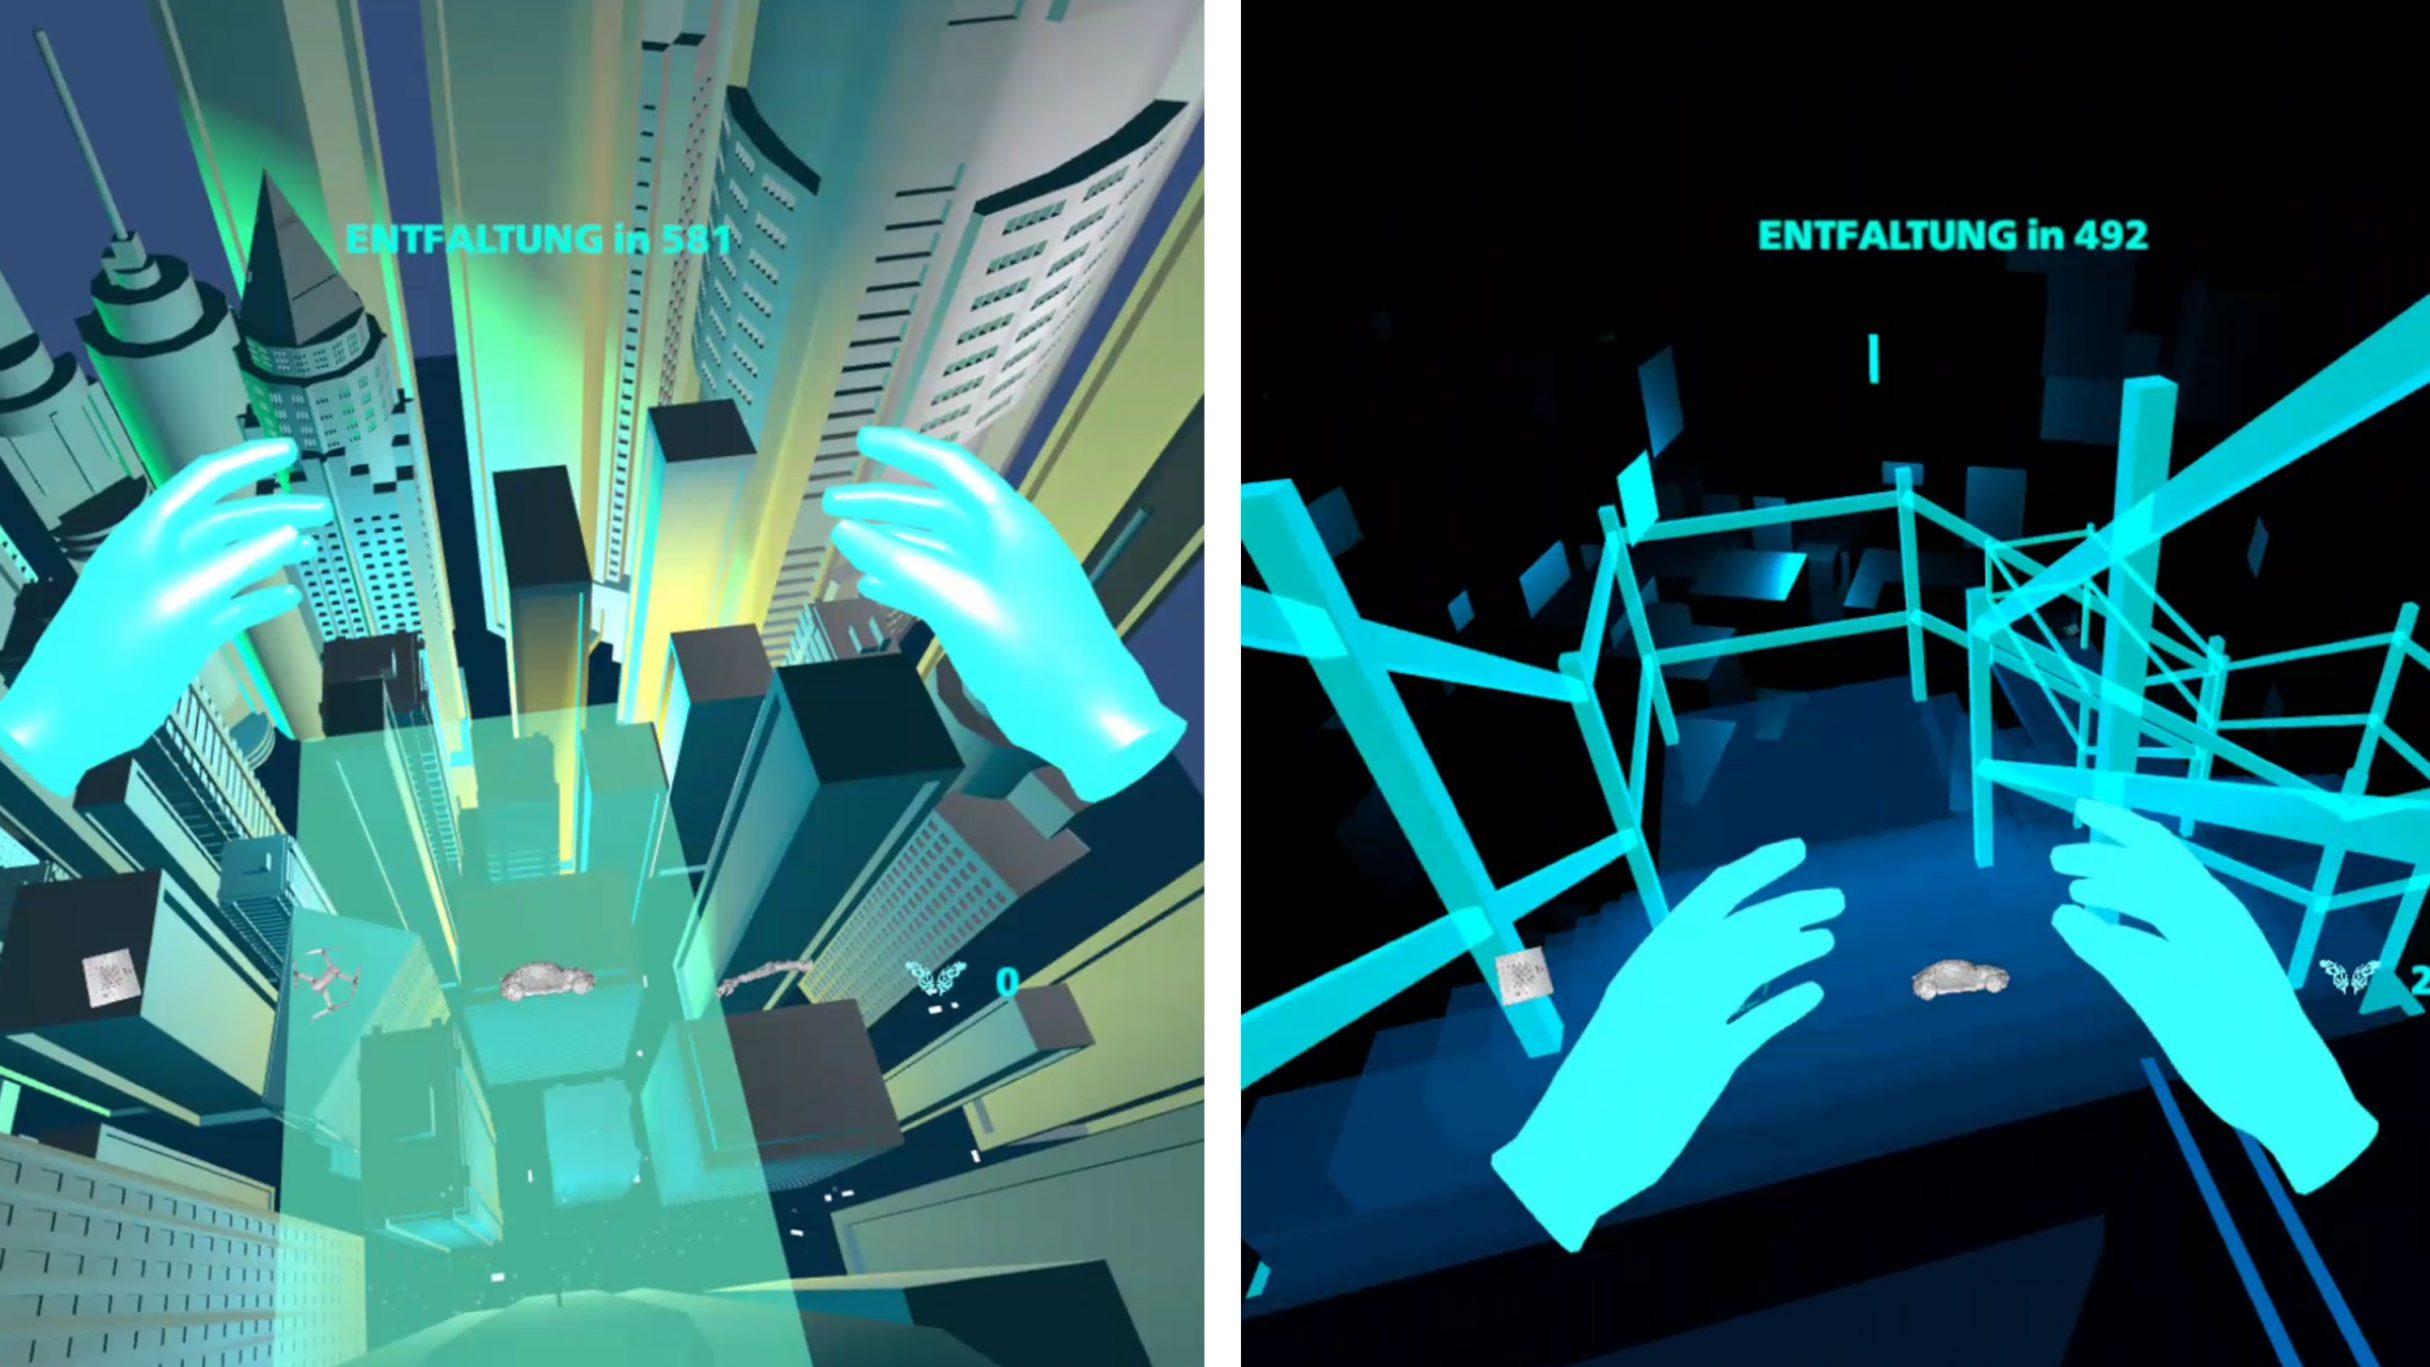 vr game, virtual reality, vr agentur darmstadt die neudenker